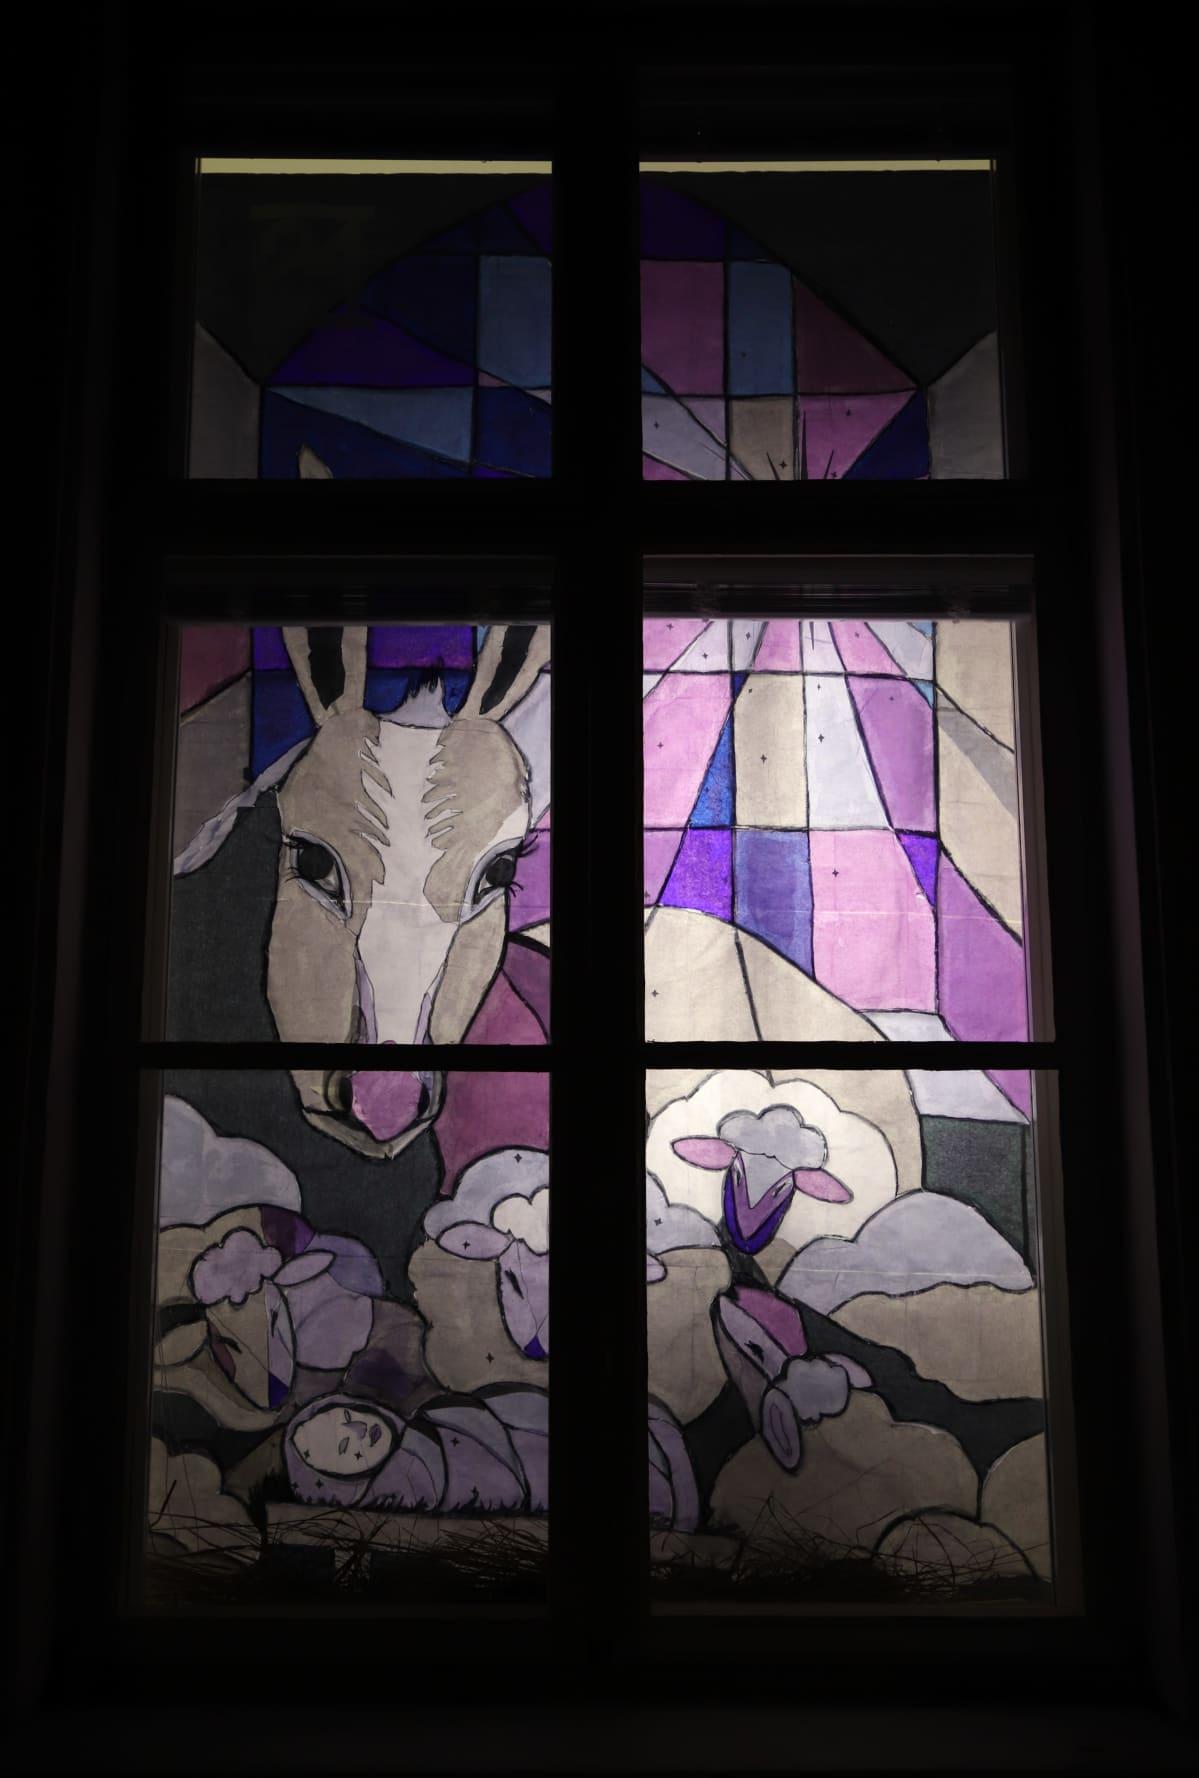 seimi ja lampaita piirustuksessa ikkunassa